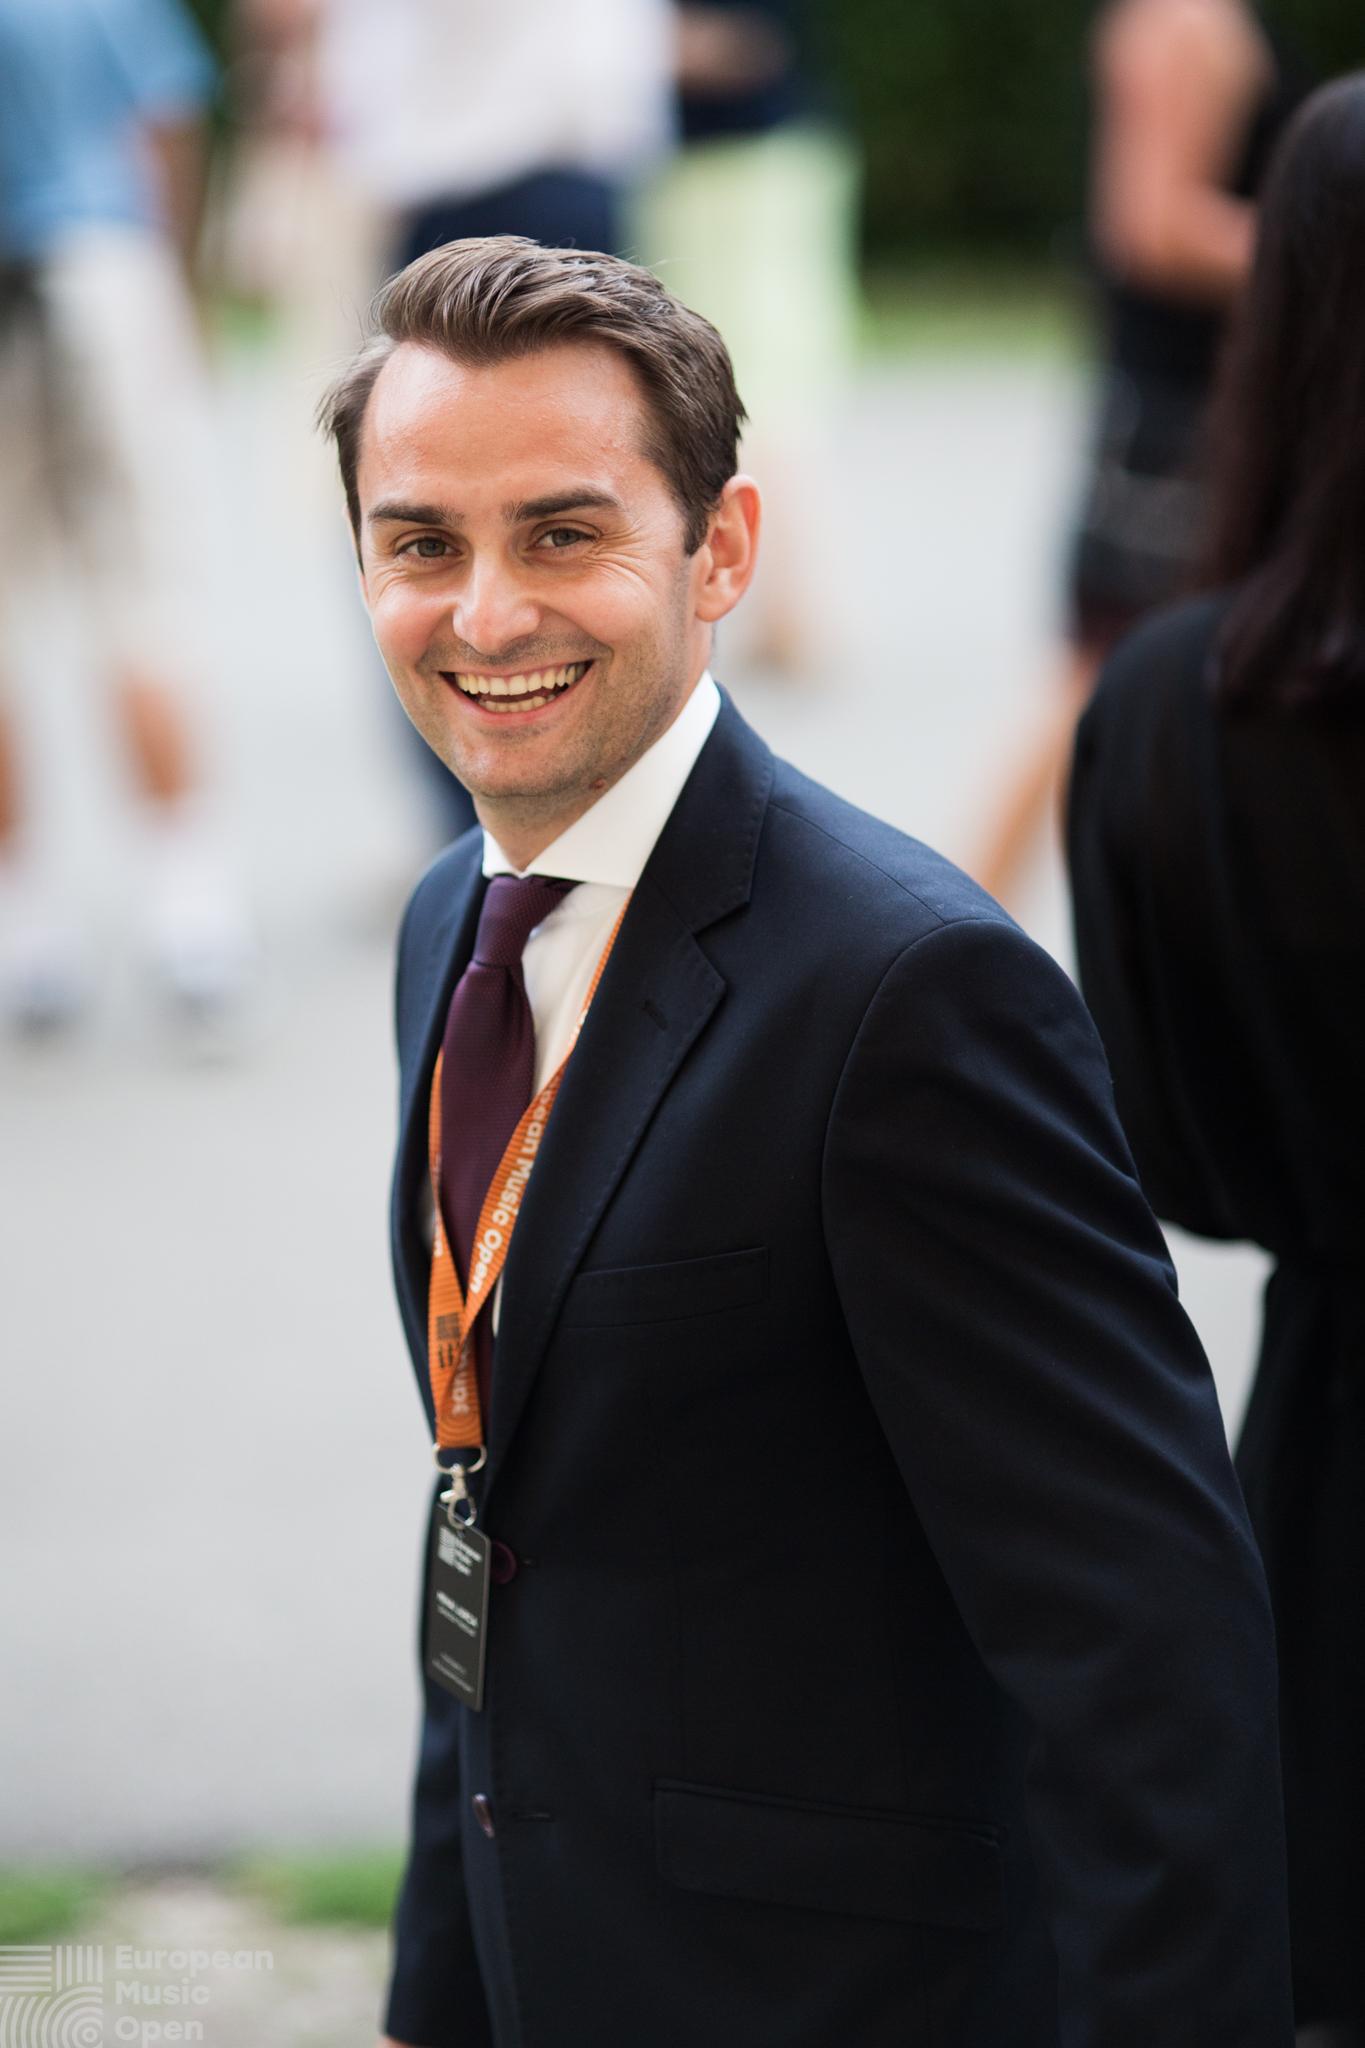 Mihai Jurca